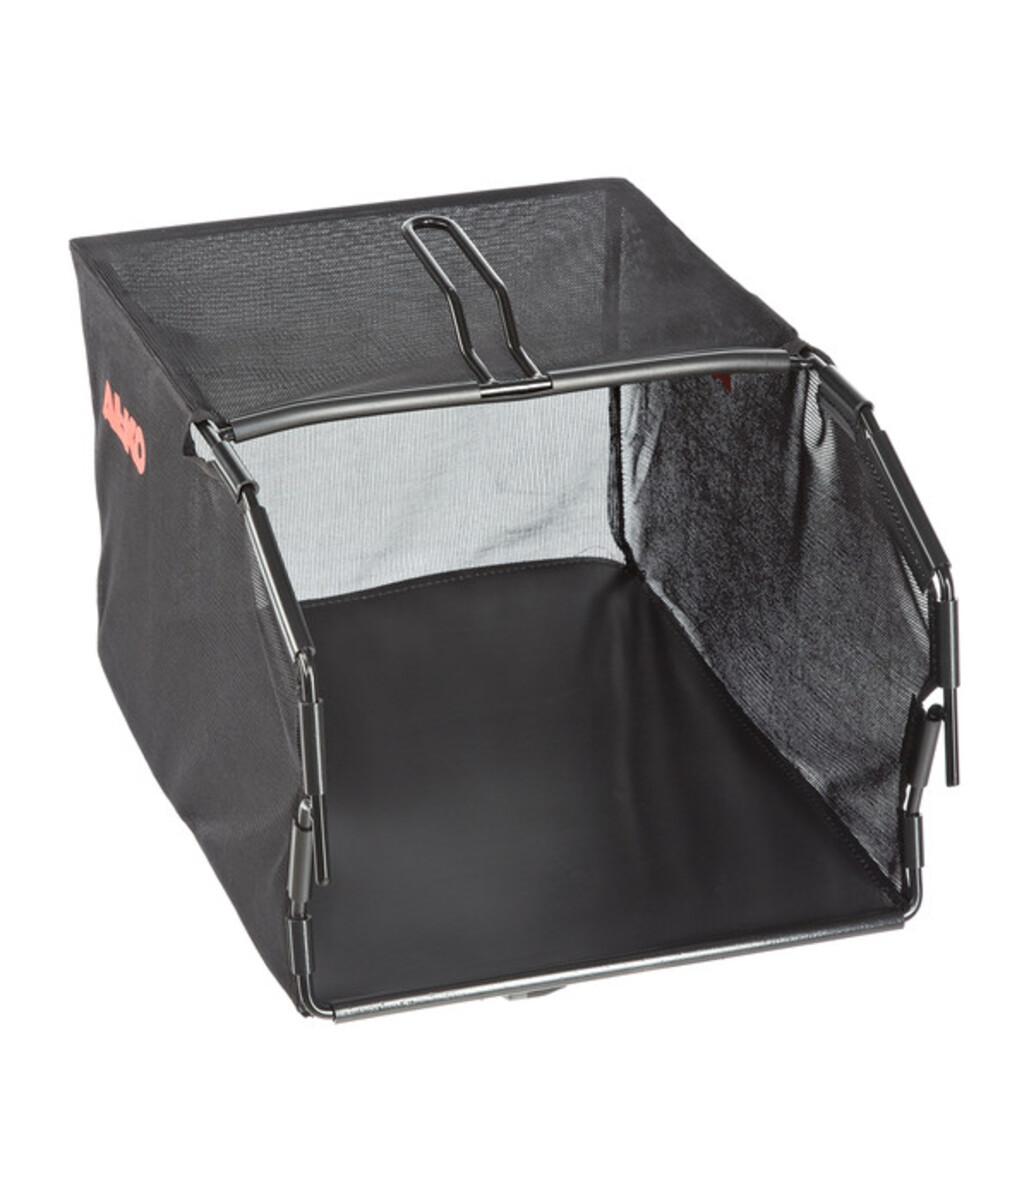 Bild 5 von AL-KO Vertikutierer CombiCare 38 P Comfort